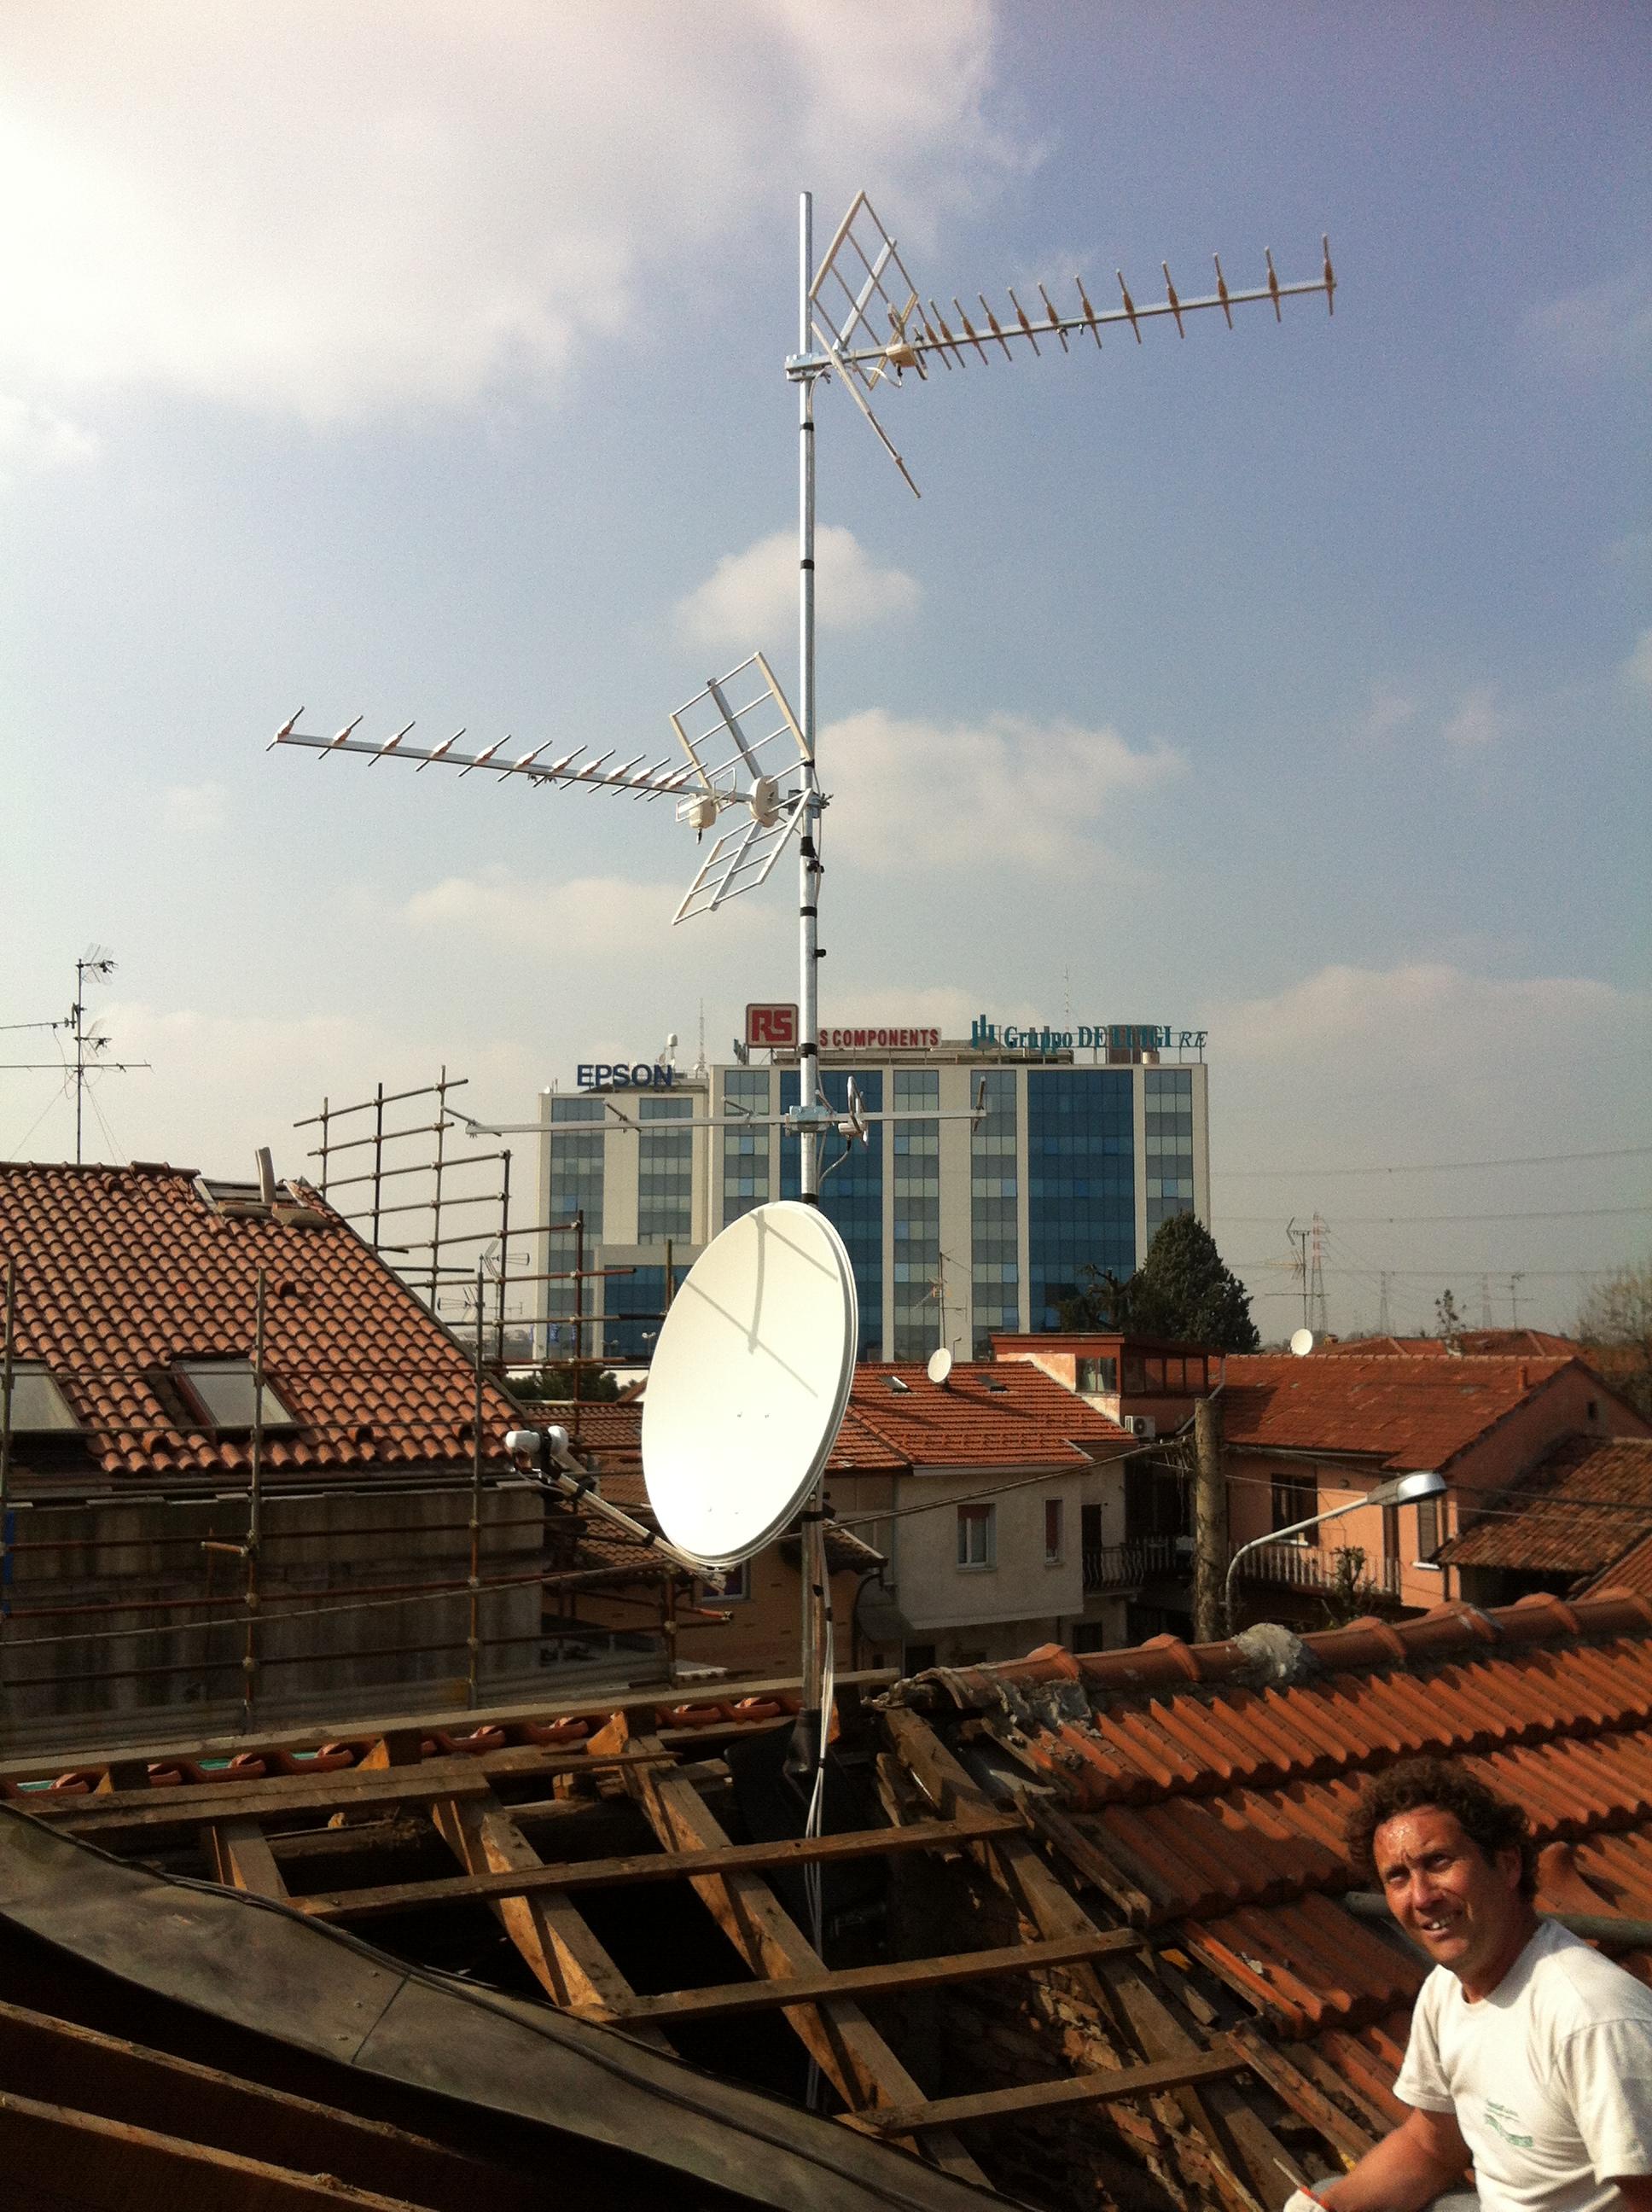 Sostituzione Antenna Tv A Tetto Home Services Tel 02 23161630